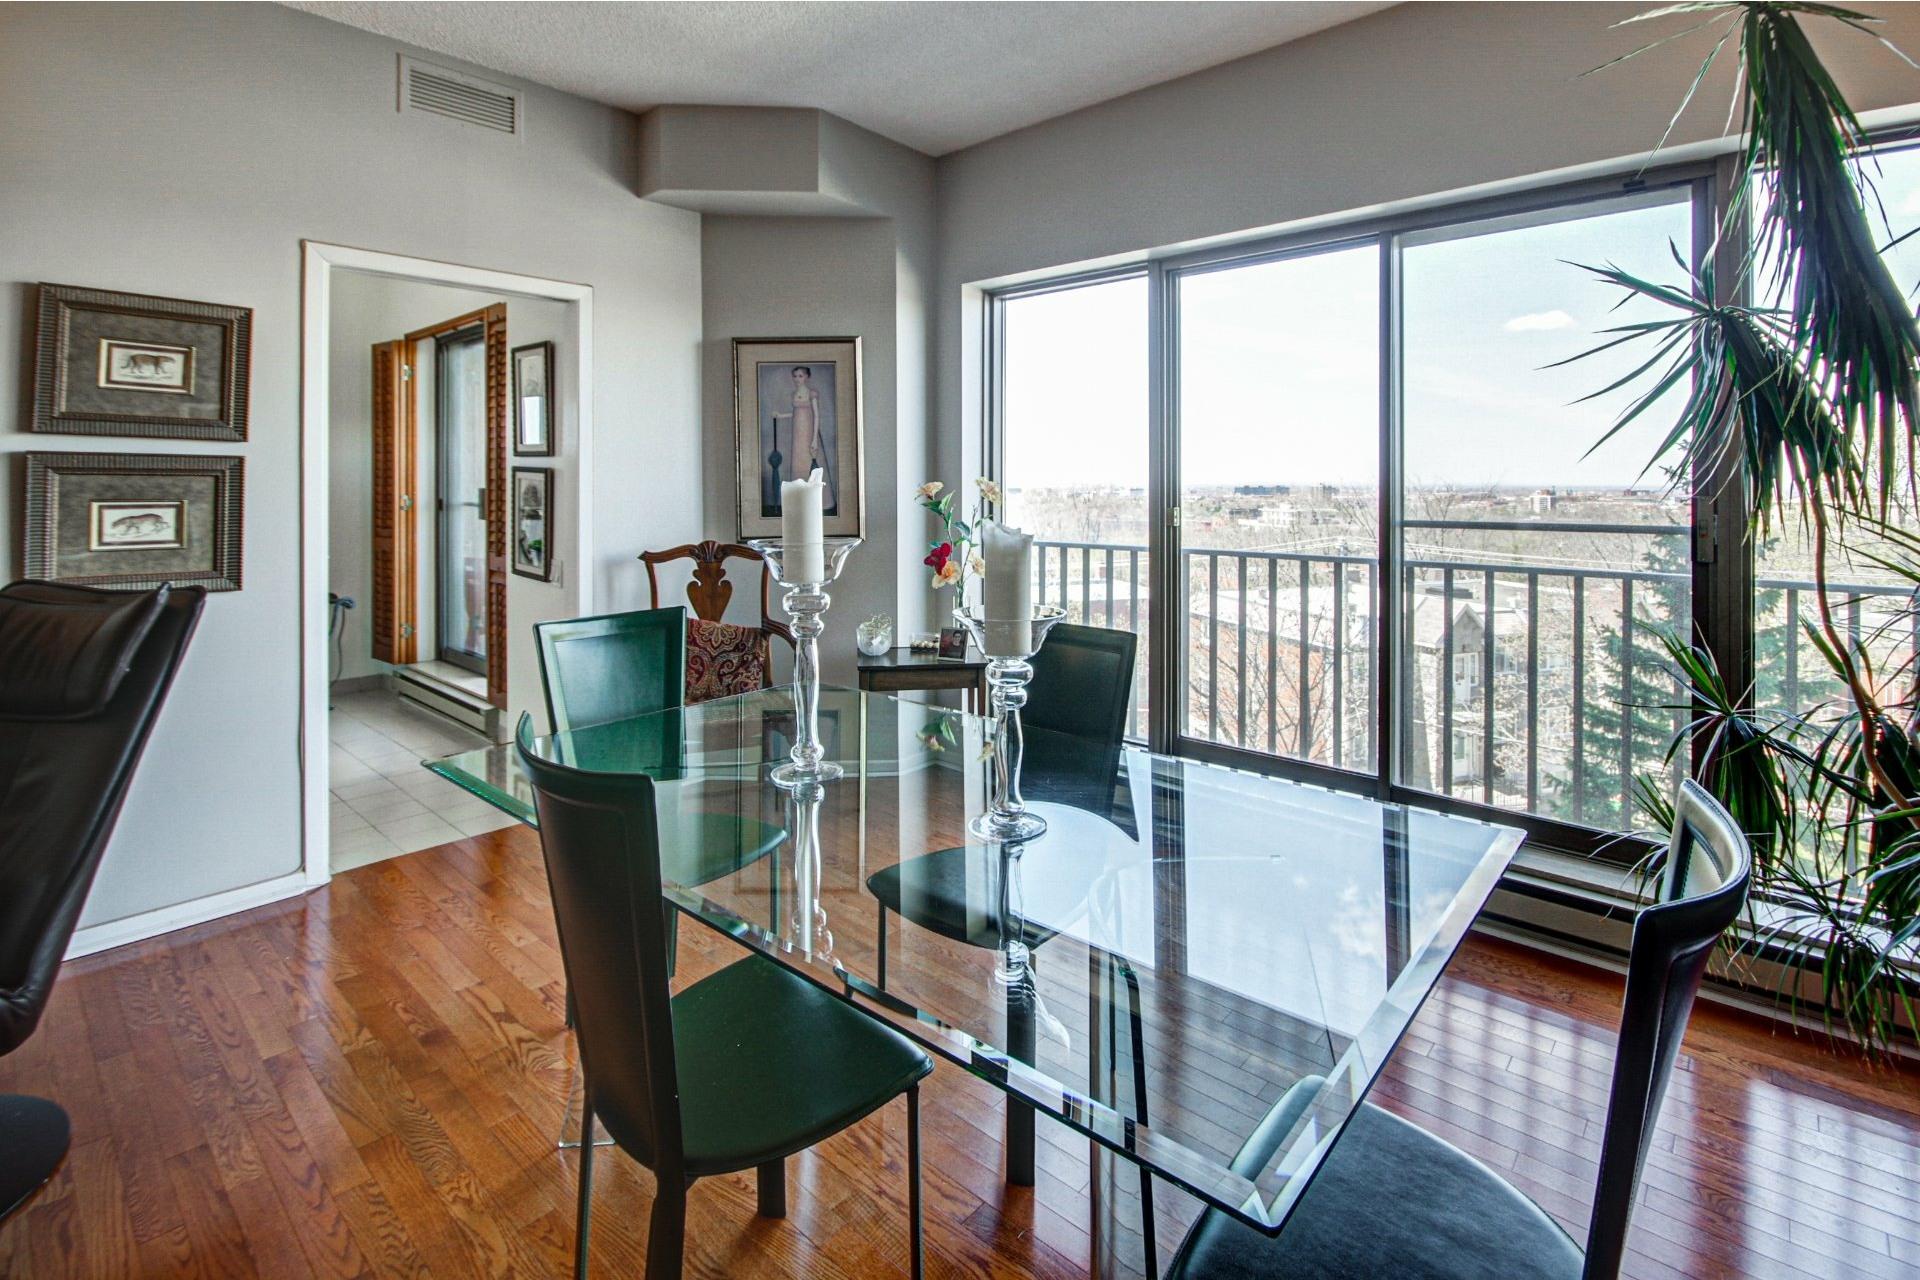 image 14 - Apartment For sale Côte-des-Neiges/Notre-Dame-de-Grâce Montréal  - 5 rooms